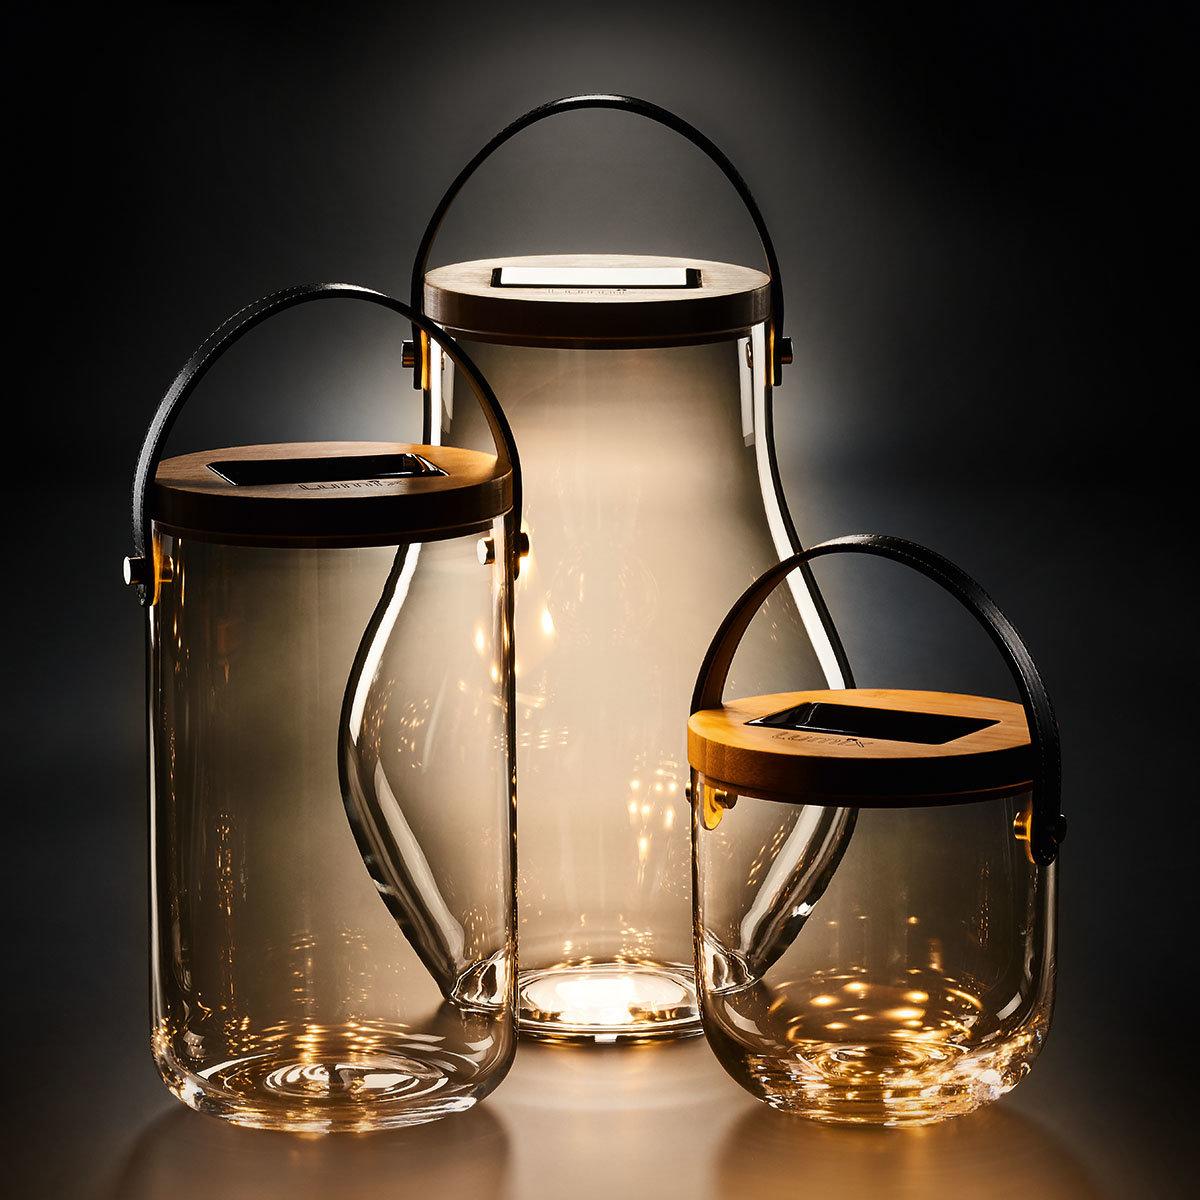 Deko Glas Long, 25,5 cm, Glas, Bambus, klar | #5